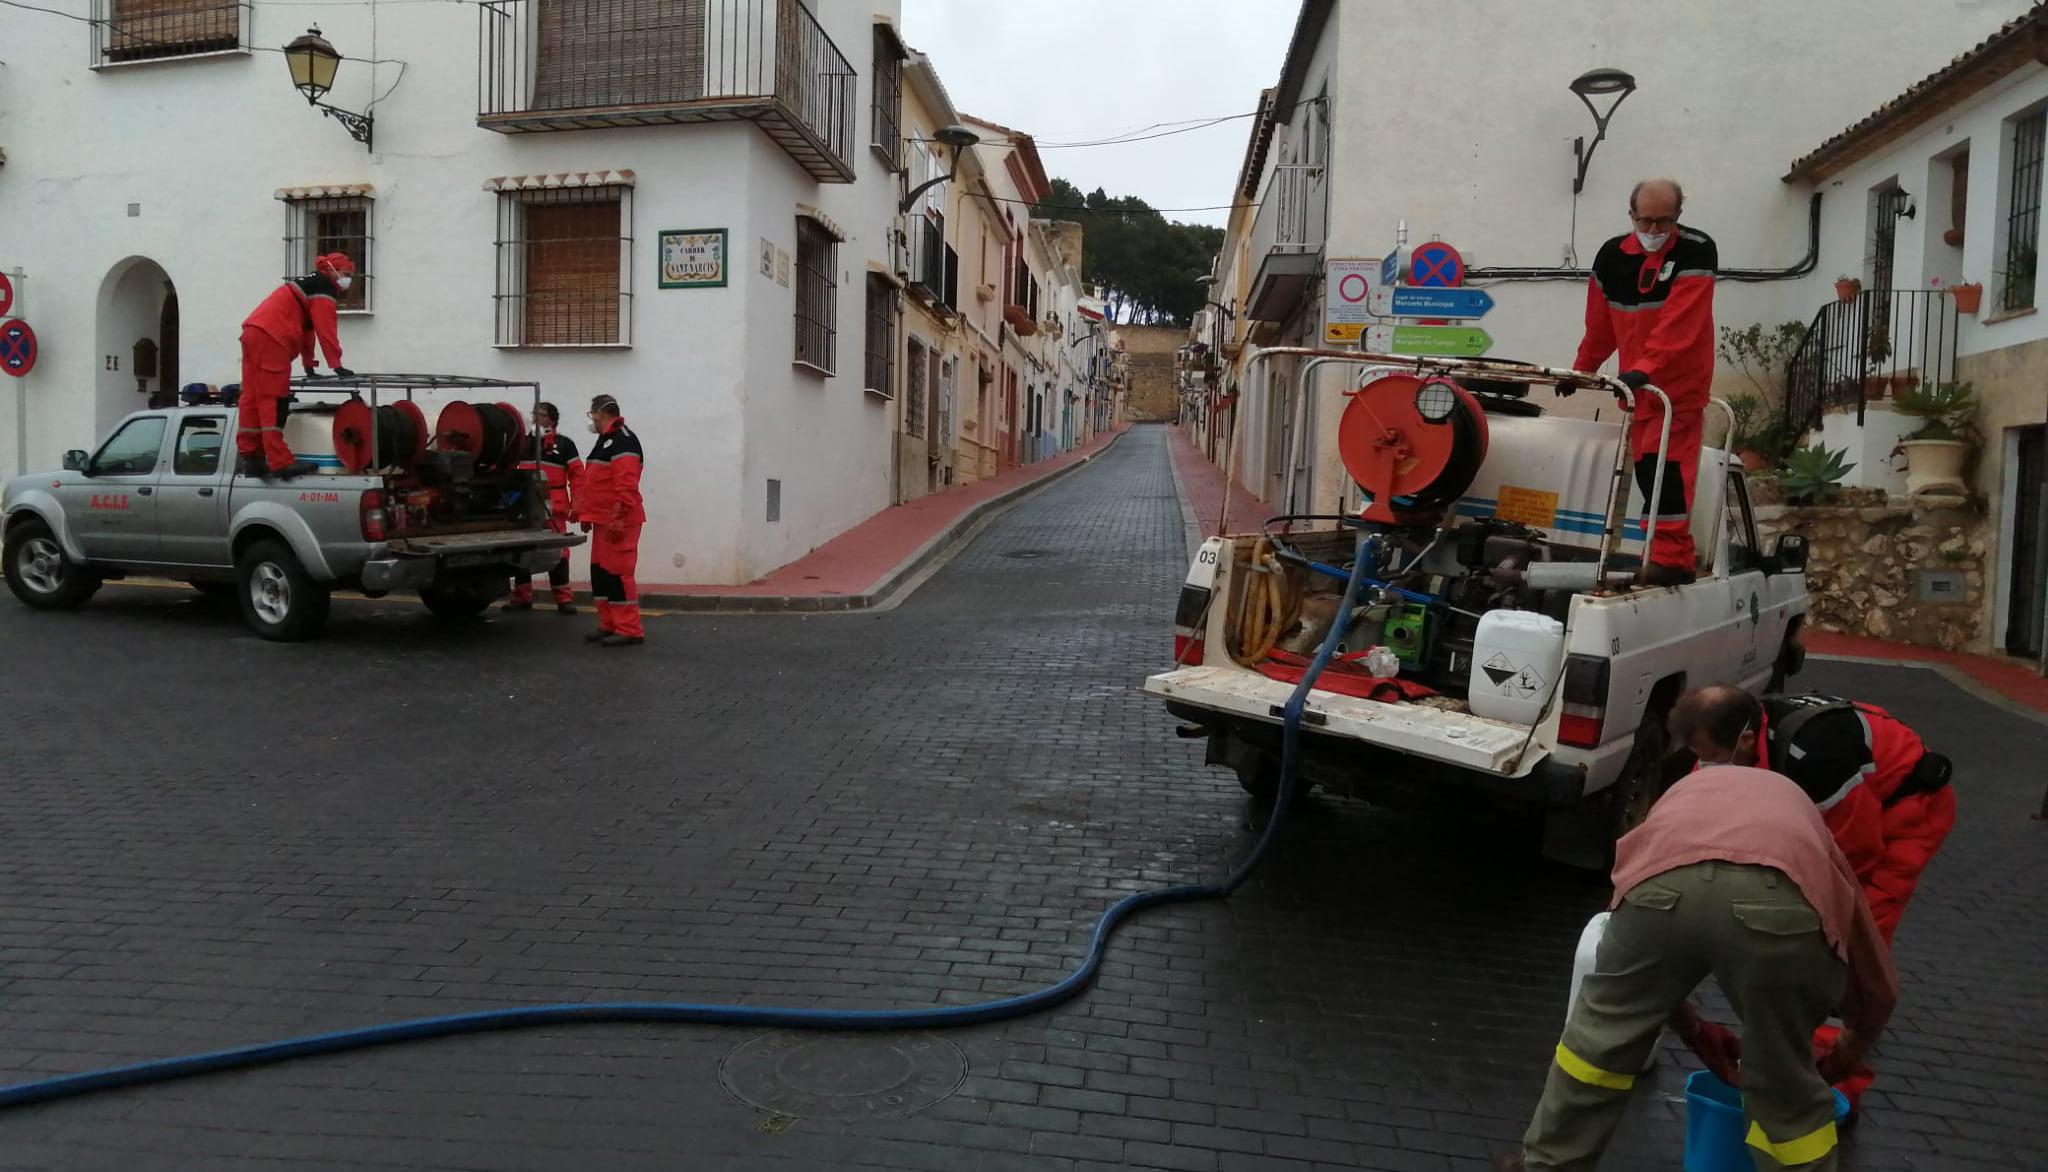 ACIF jobs in Les Roques